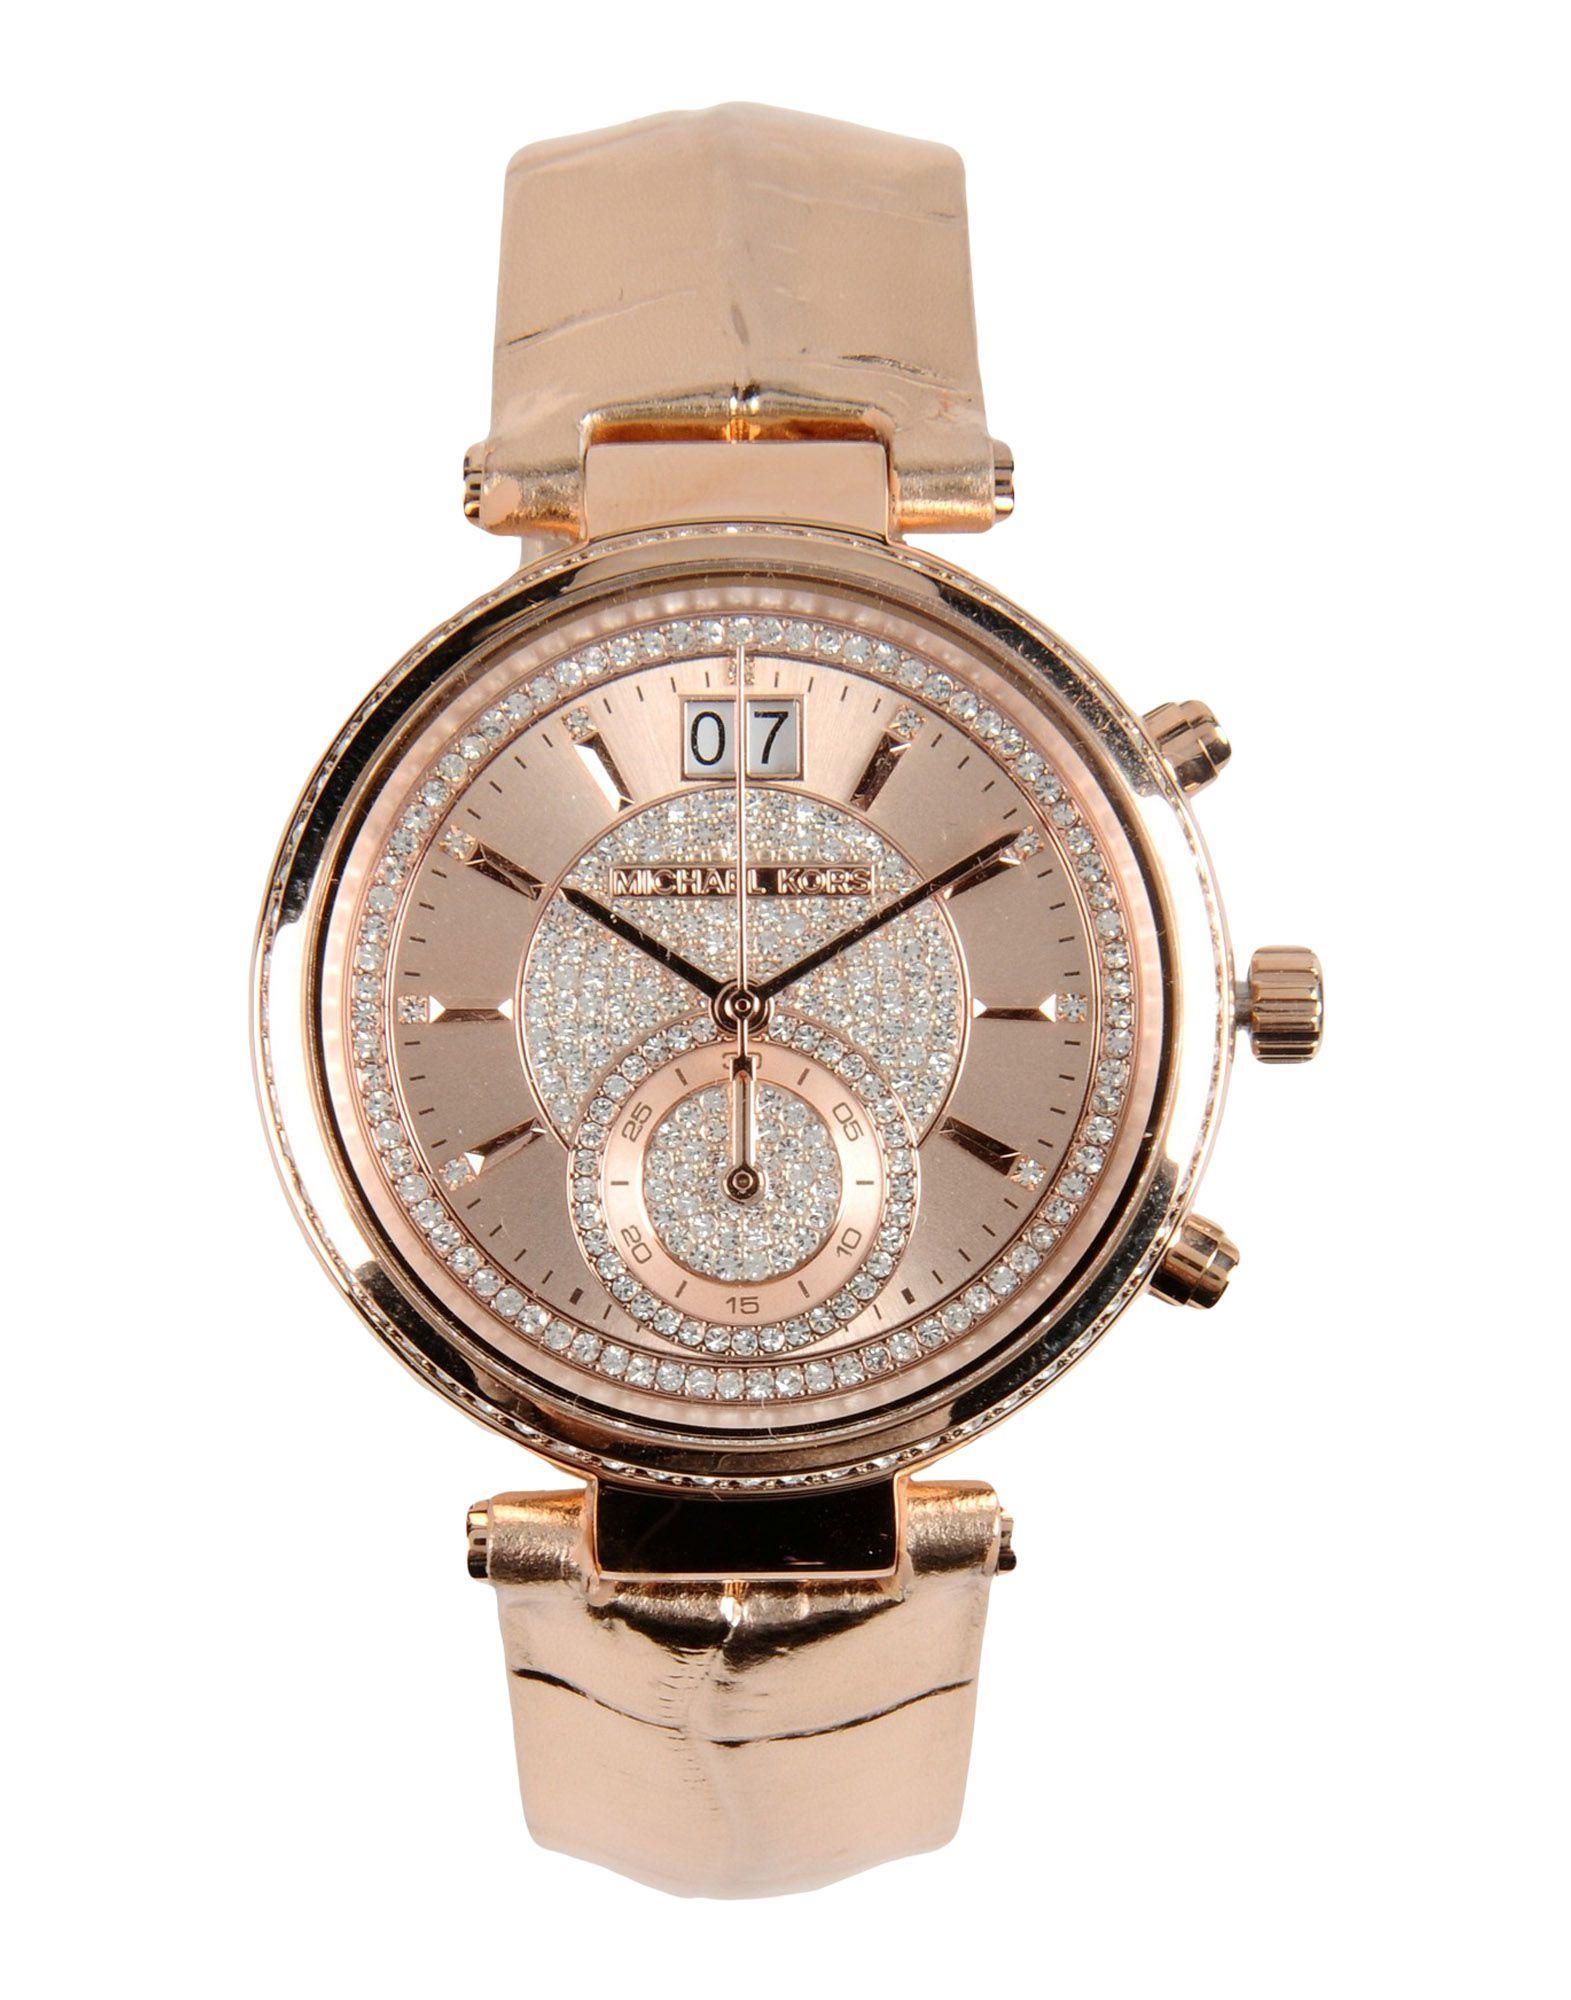 Michael Kors Наручные Часы Для Женщин - Наручные Часы Michael Kors на YOOX - 58027030JC